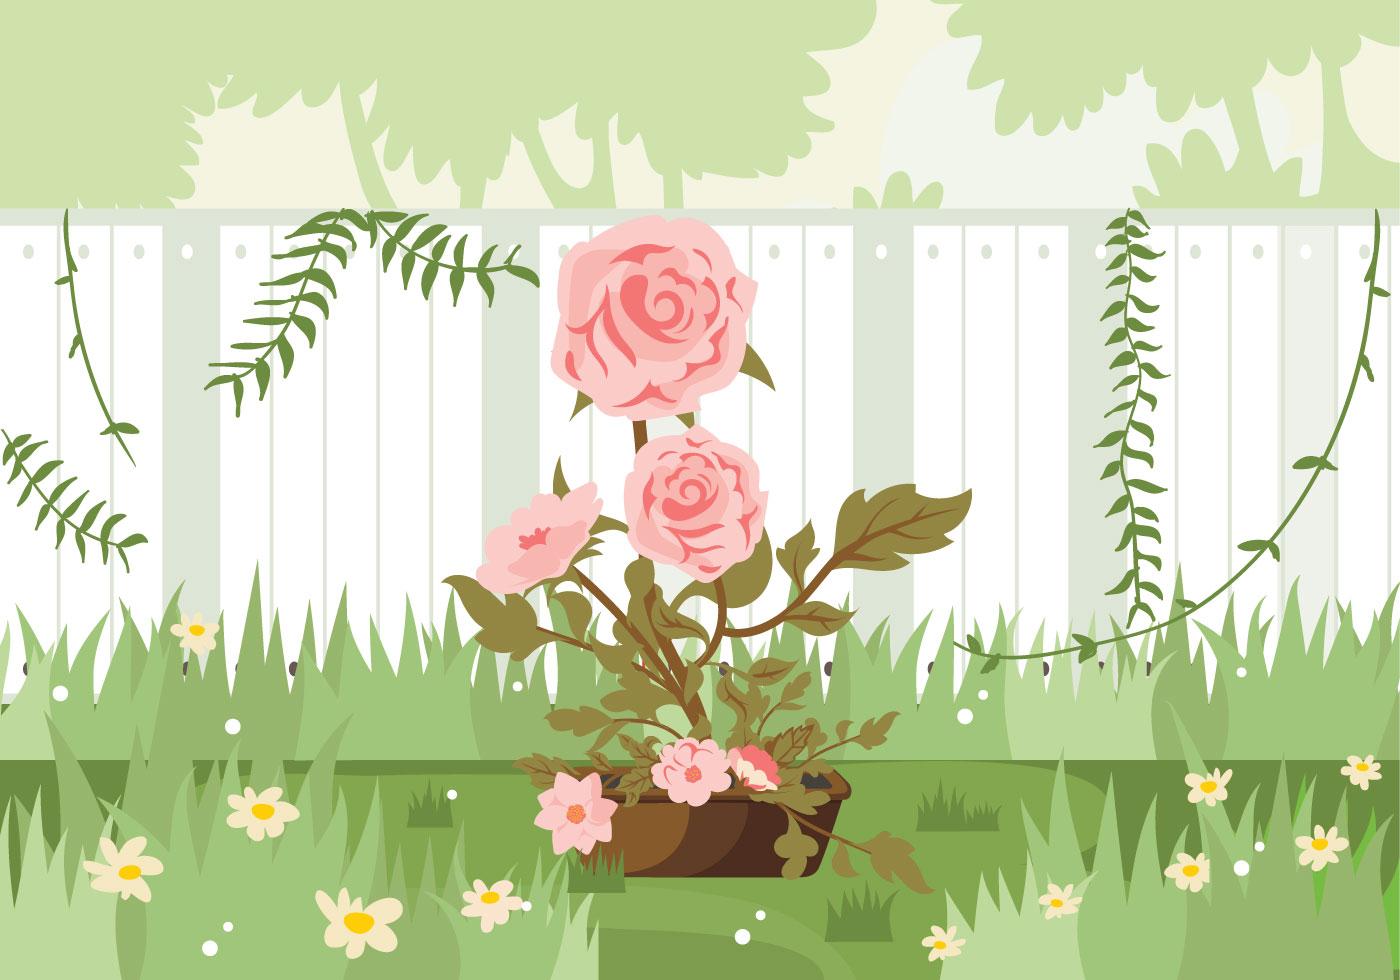 Gratis Arbustos Arte Vector 13292 Descargas Gratis